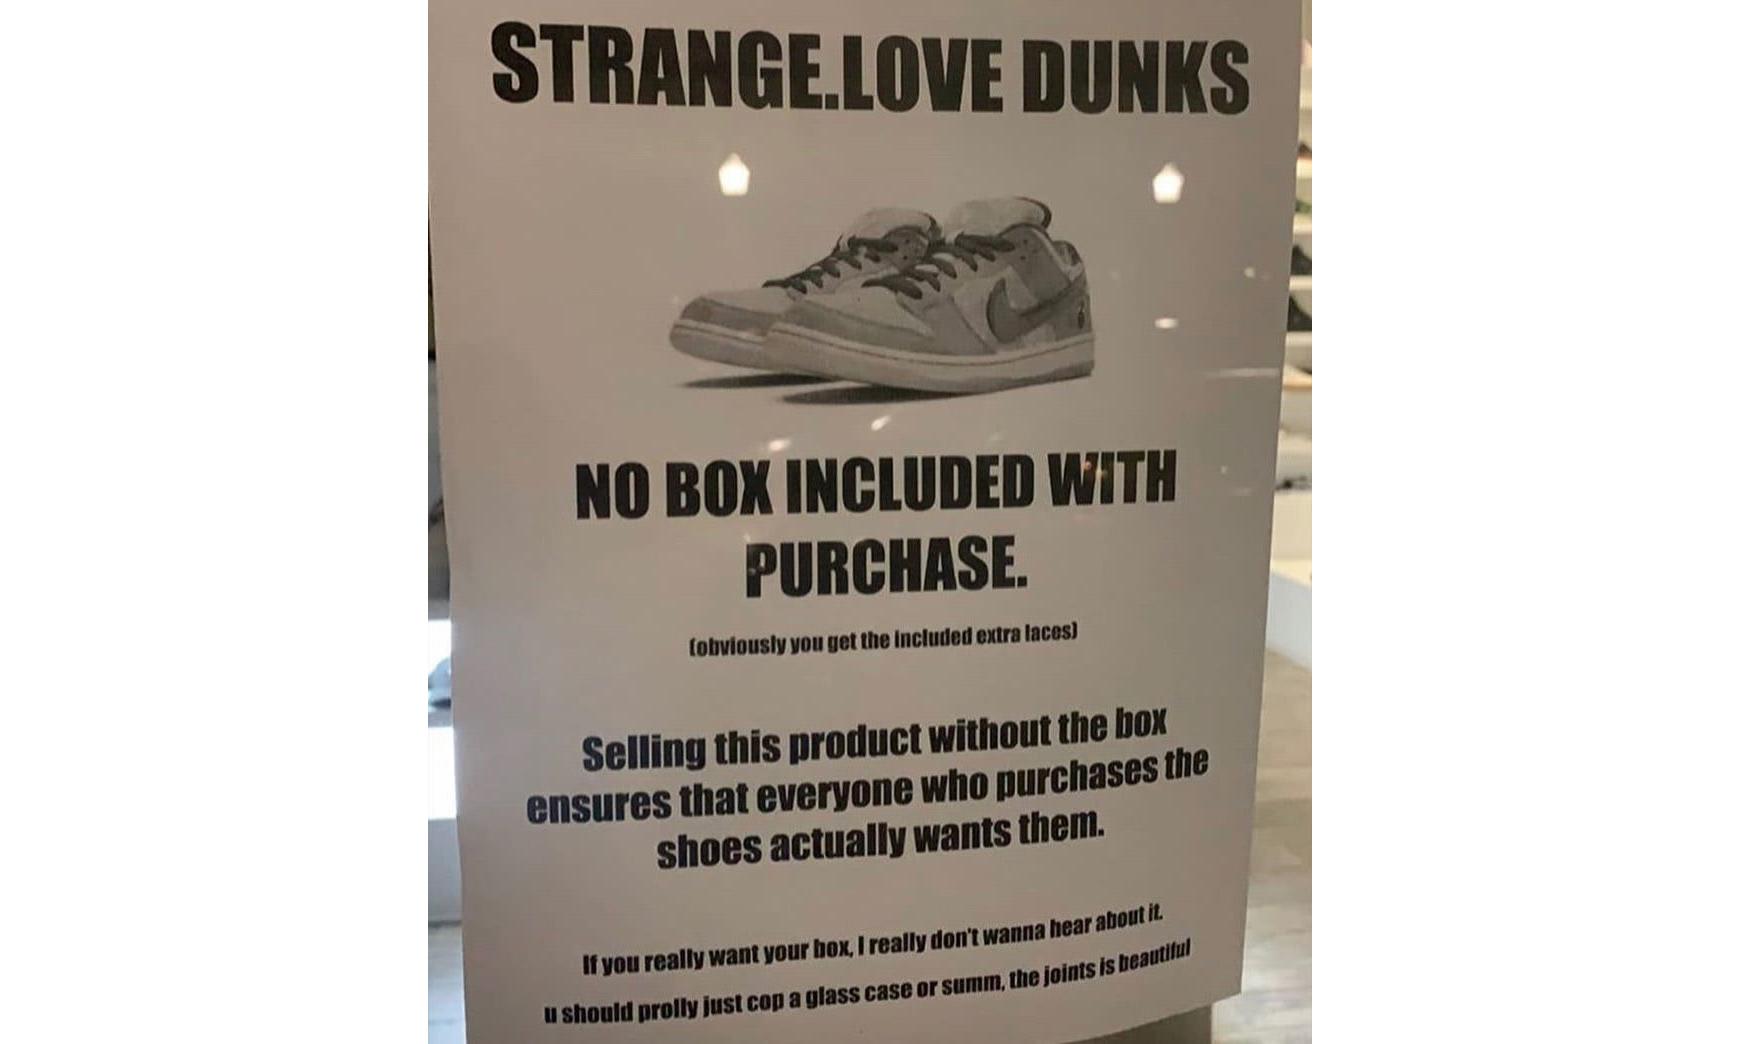 断绝倒卖可能,美国一门店发售 StrangeLove x Nike SB Dunk Low 不提供鞋盒